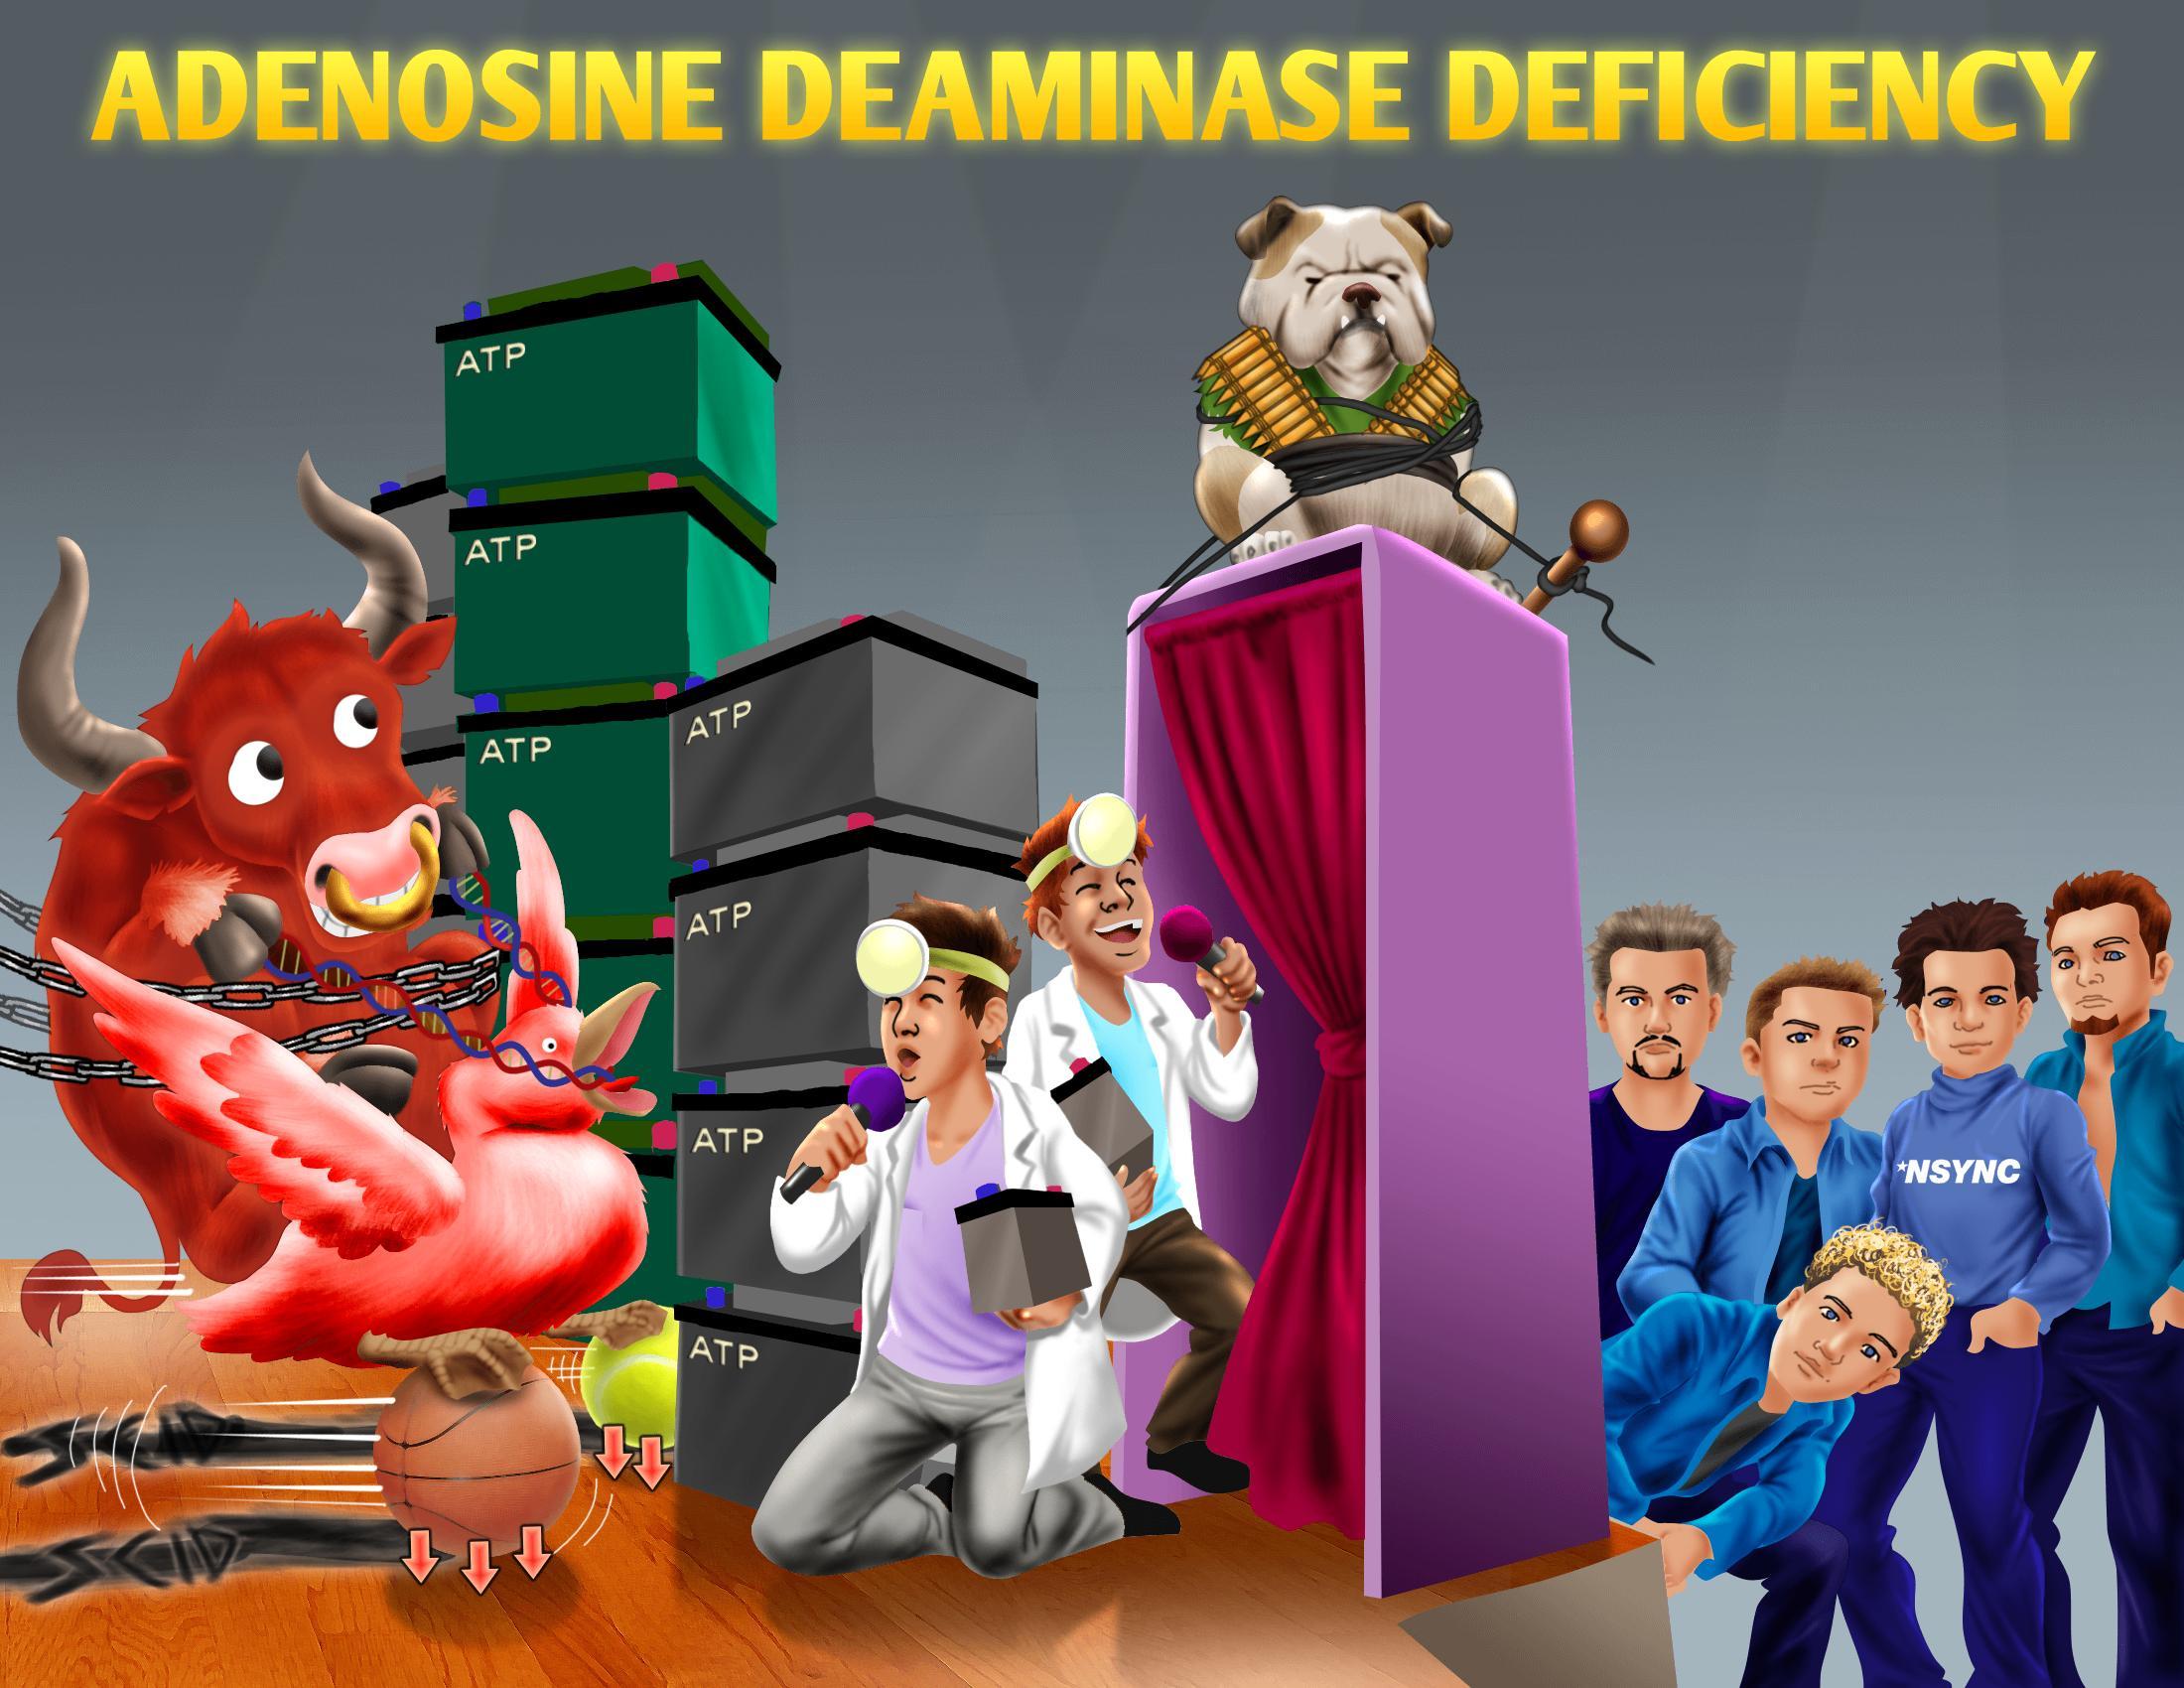 Adenosine Deaminase Deficiency